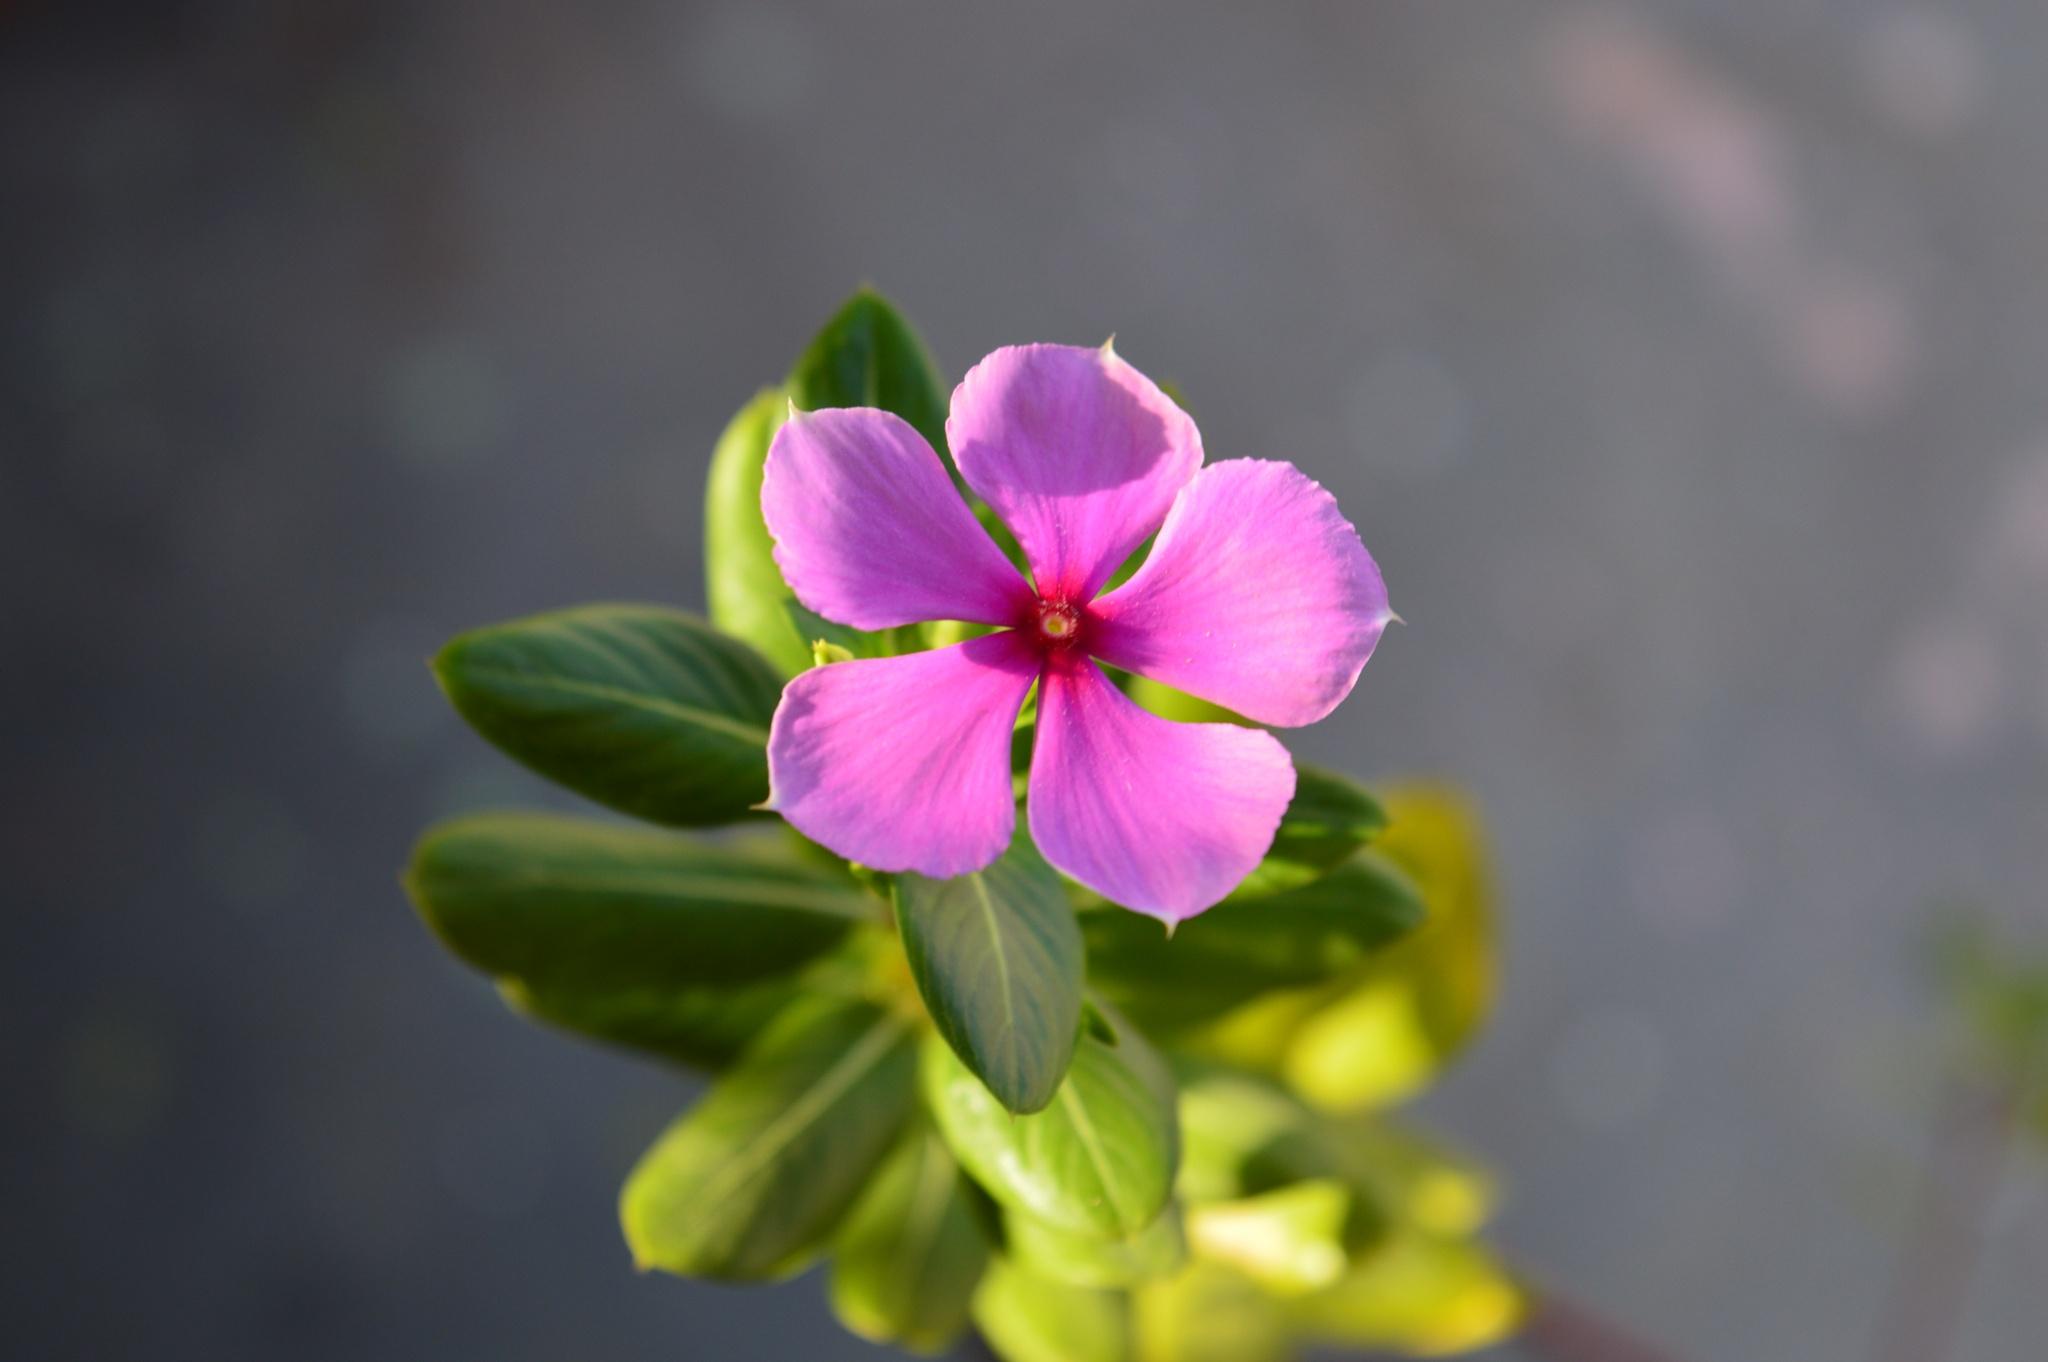 Pink Periwinkle Flower. by Pawan Sharma